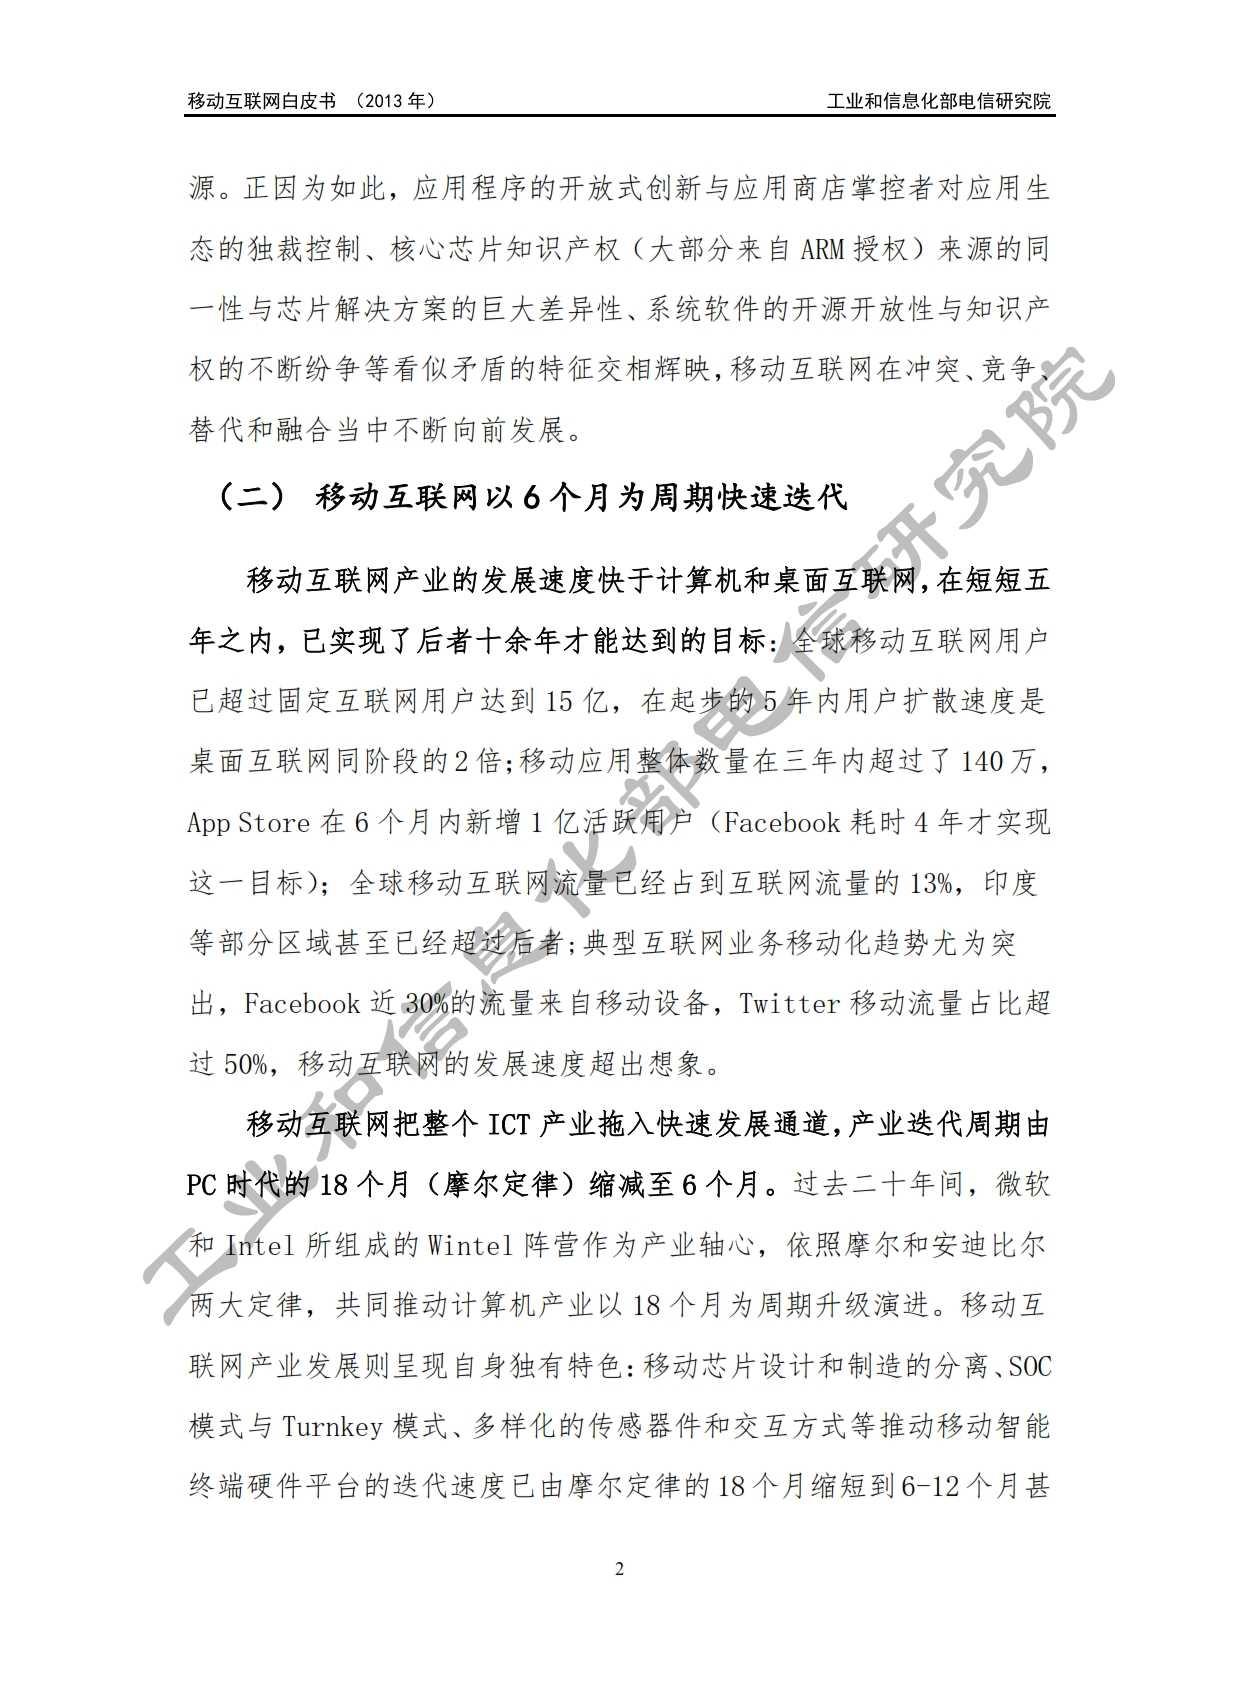 工信部:2013年中国移动互联网白皮书_006